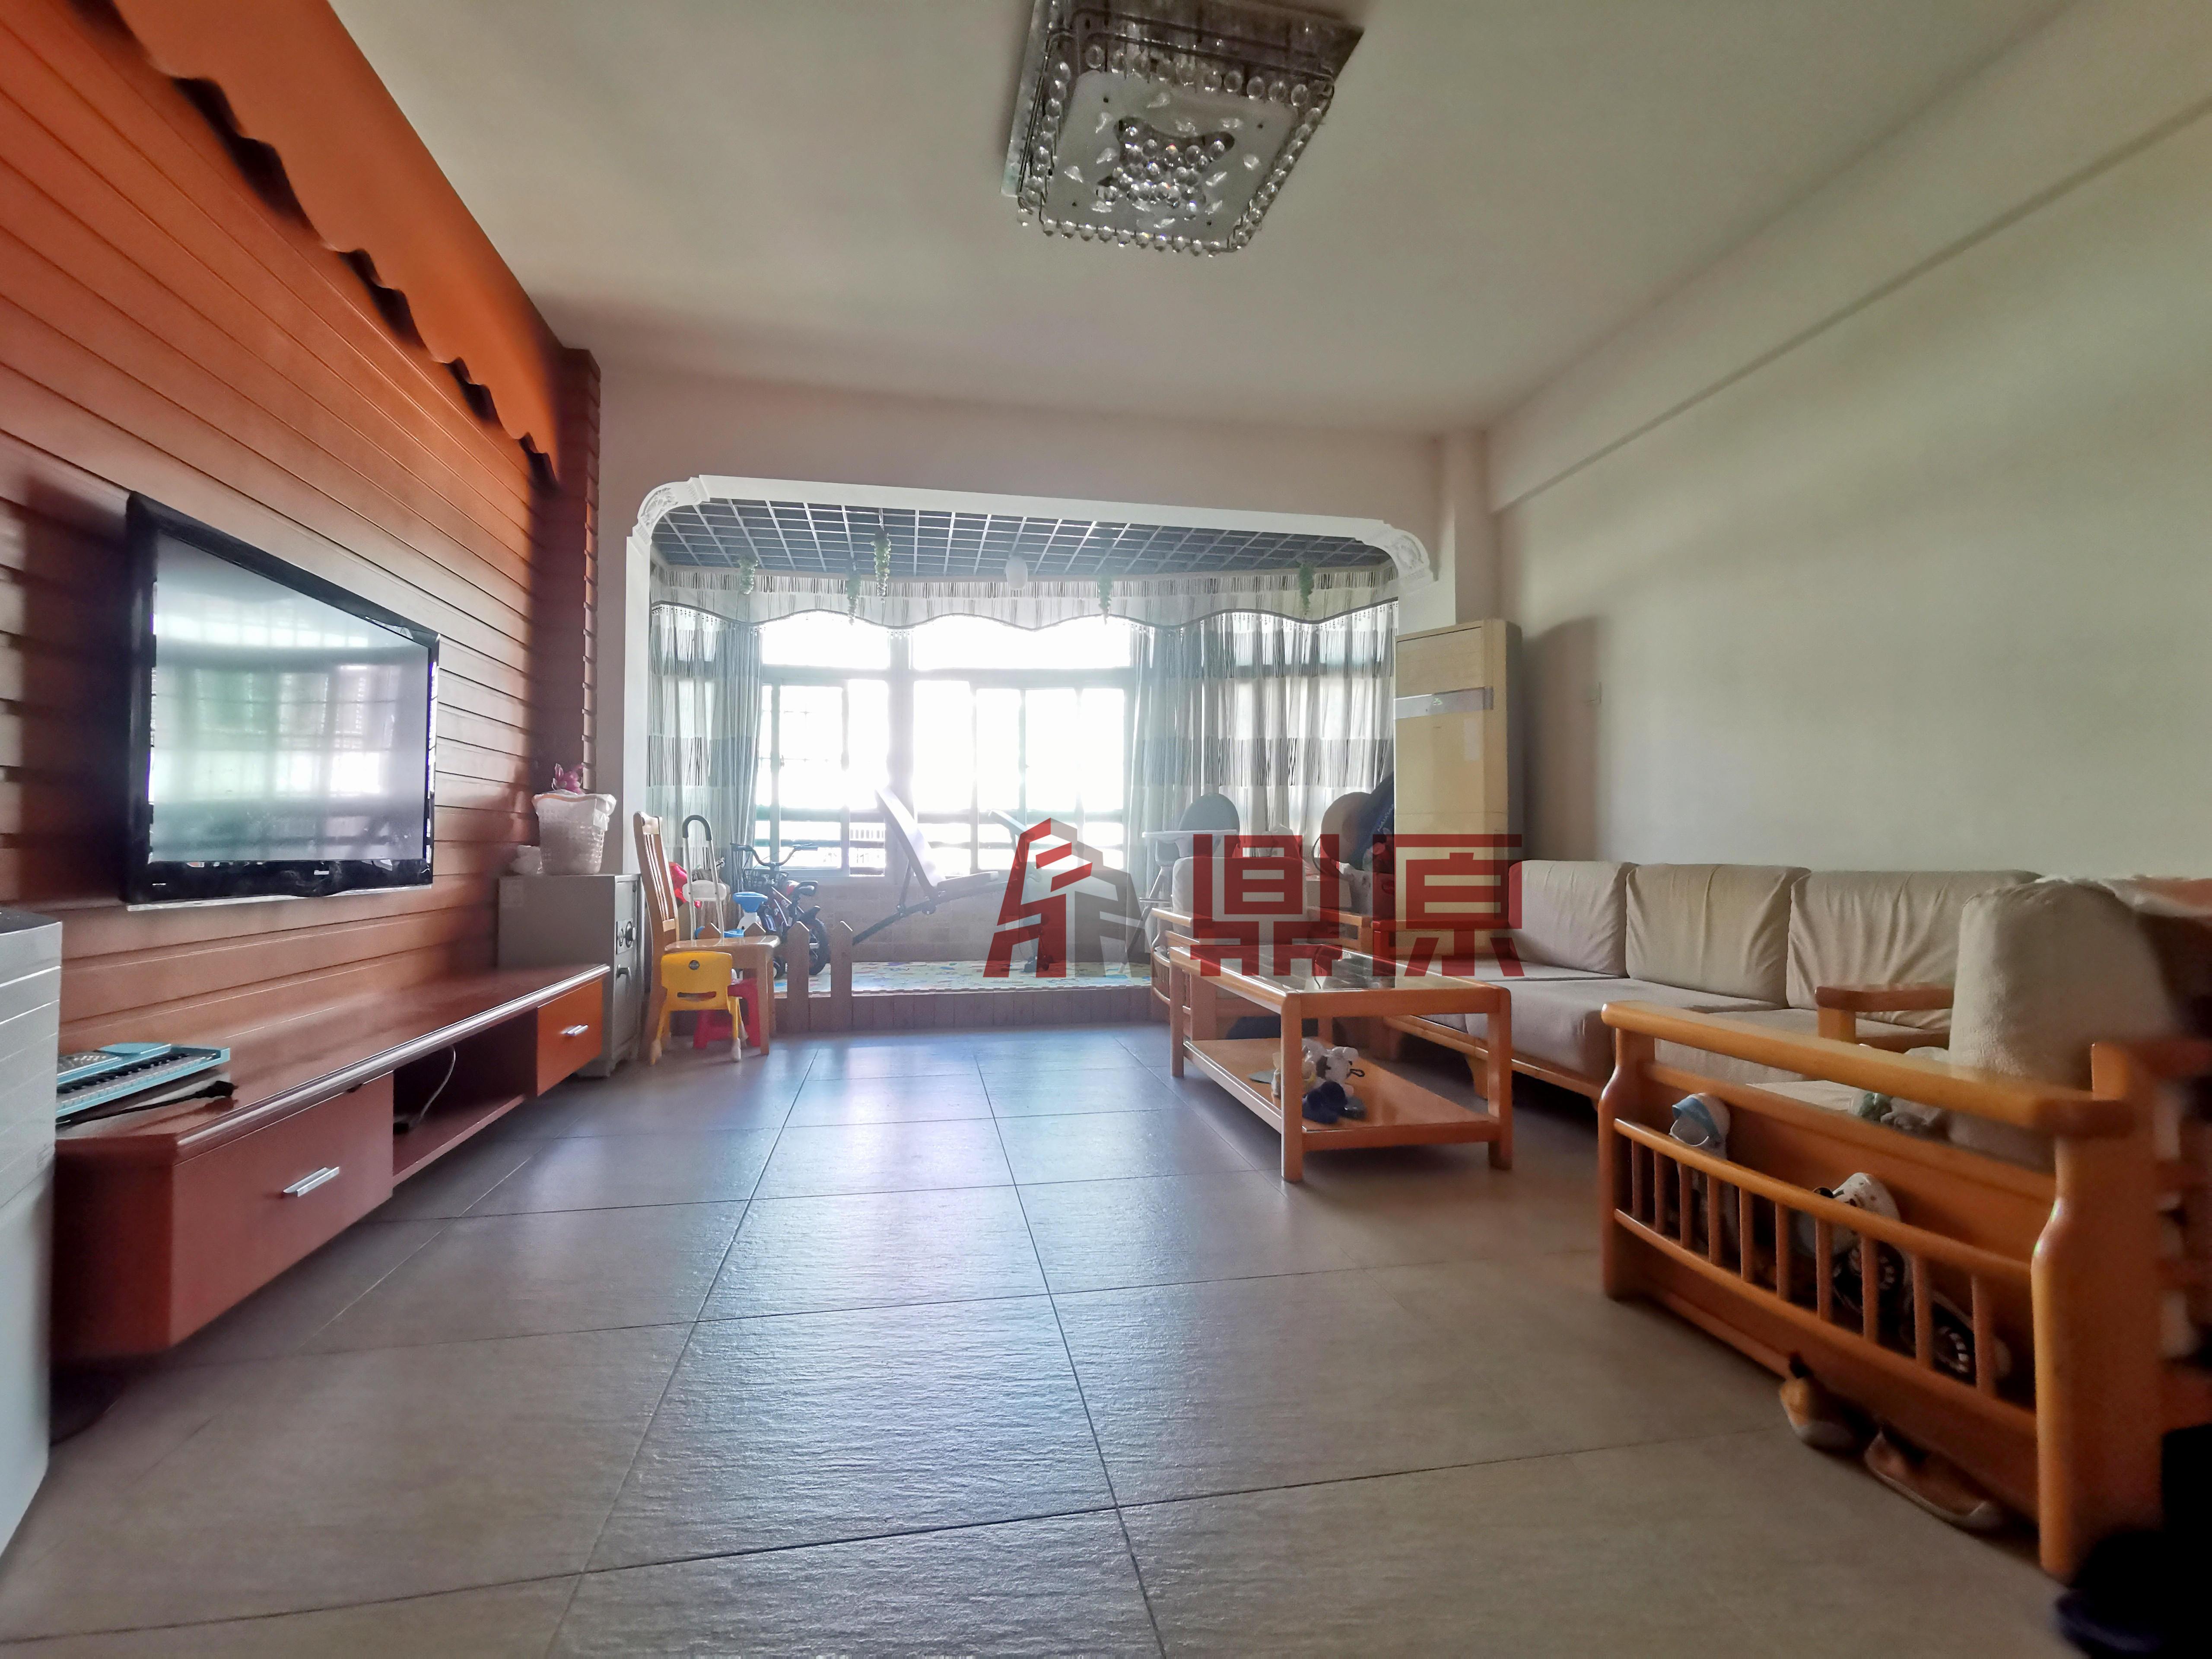 建昌99度城 室2厅1卫1阳台